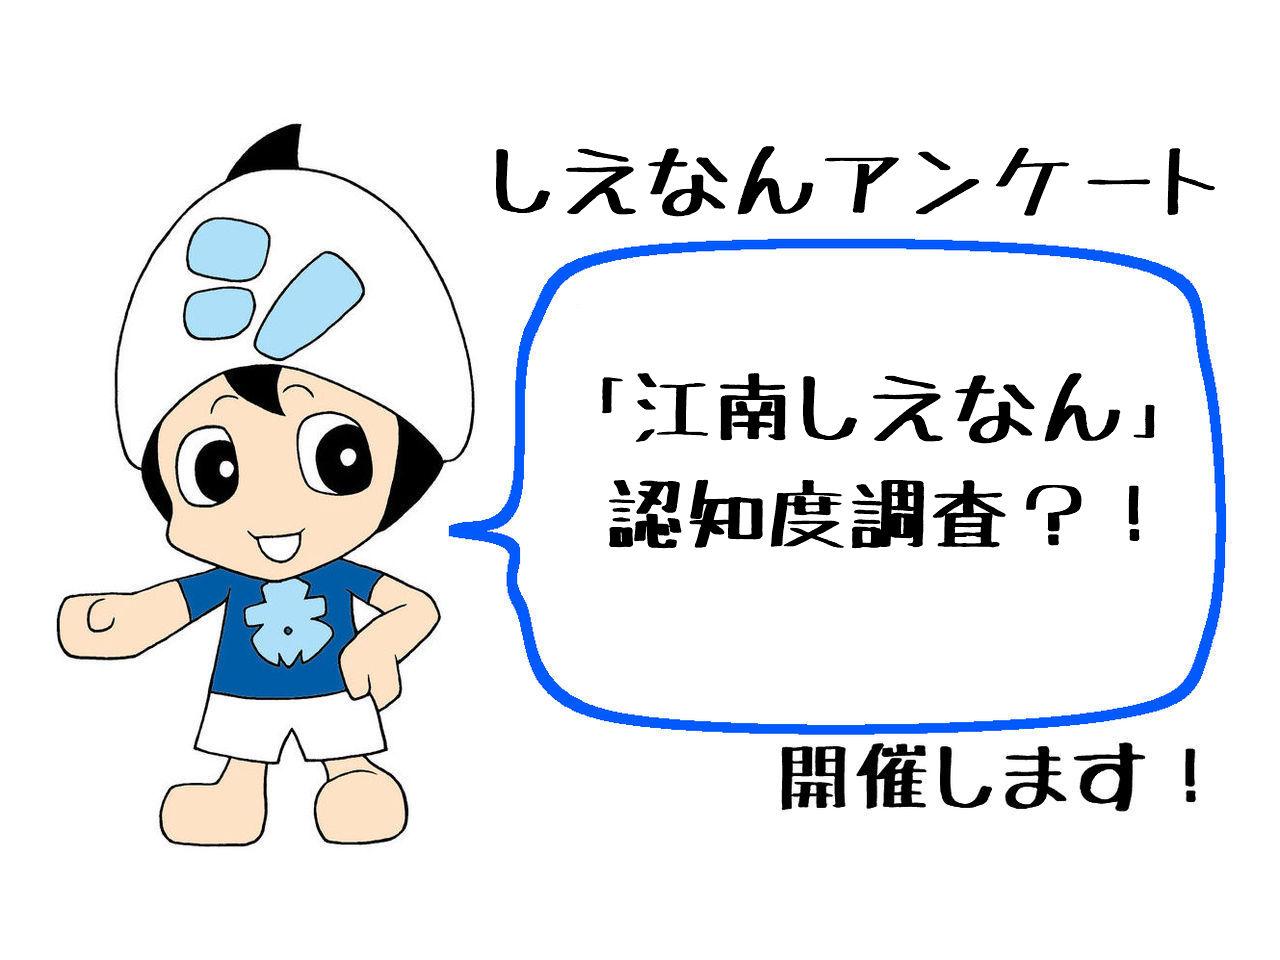 「江南しえなん」認知度調査?!